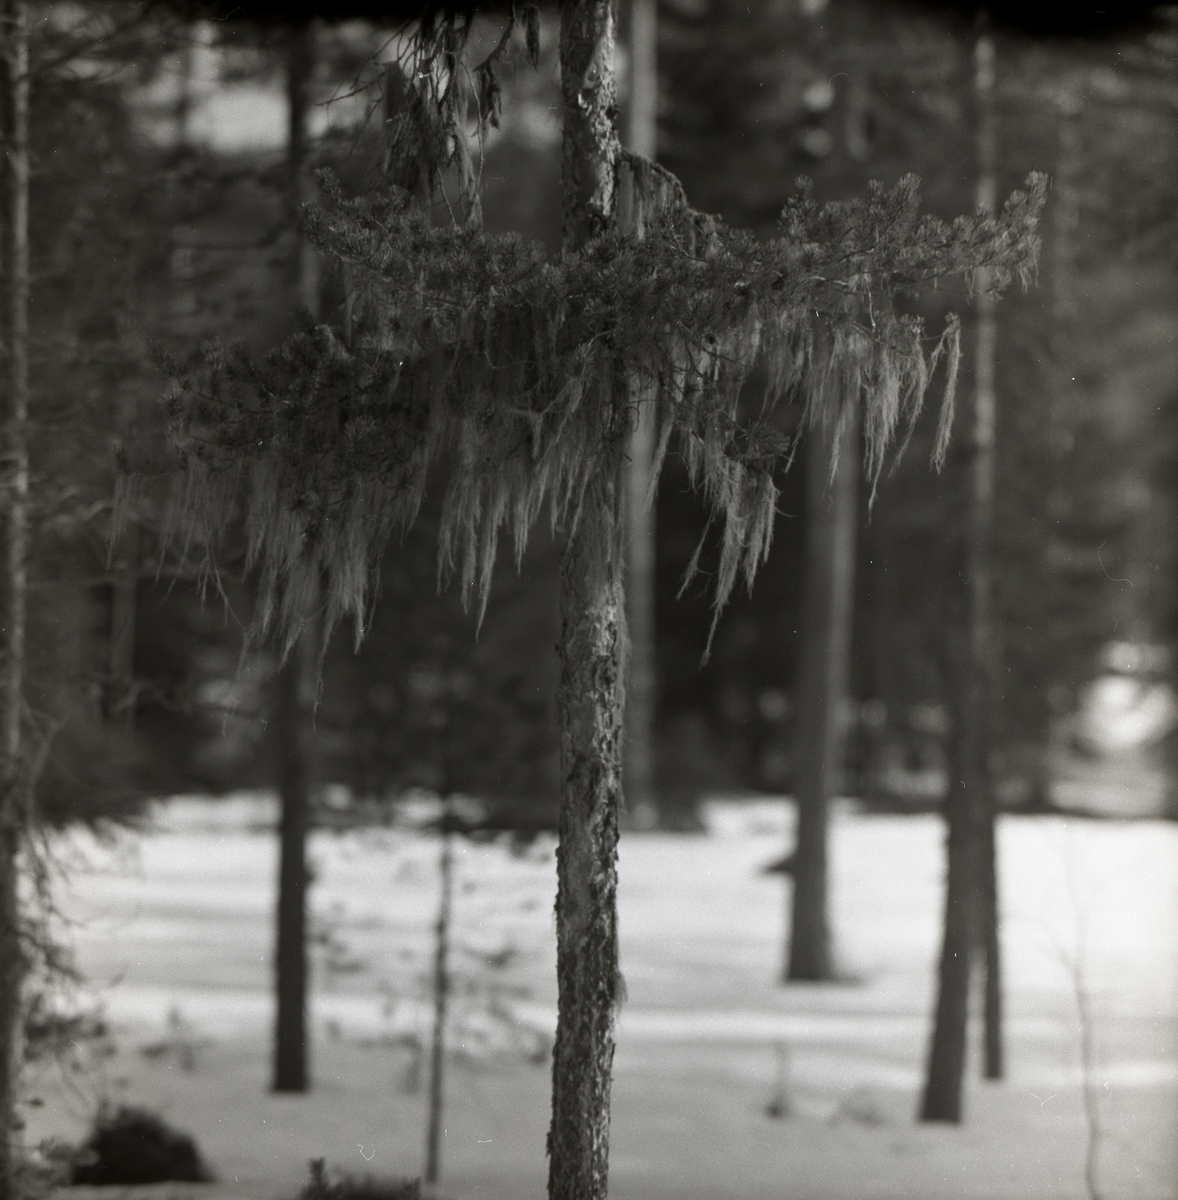 En tallgren täckt av lav vid Hölesjöån, vårvintern 1958.